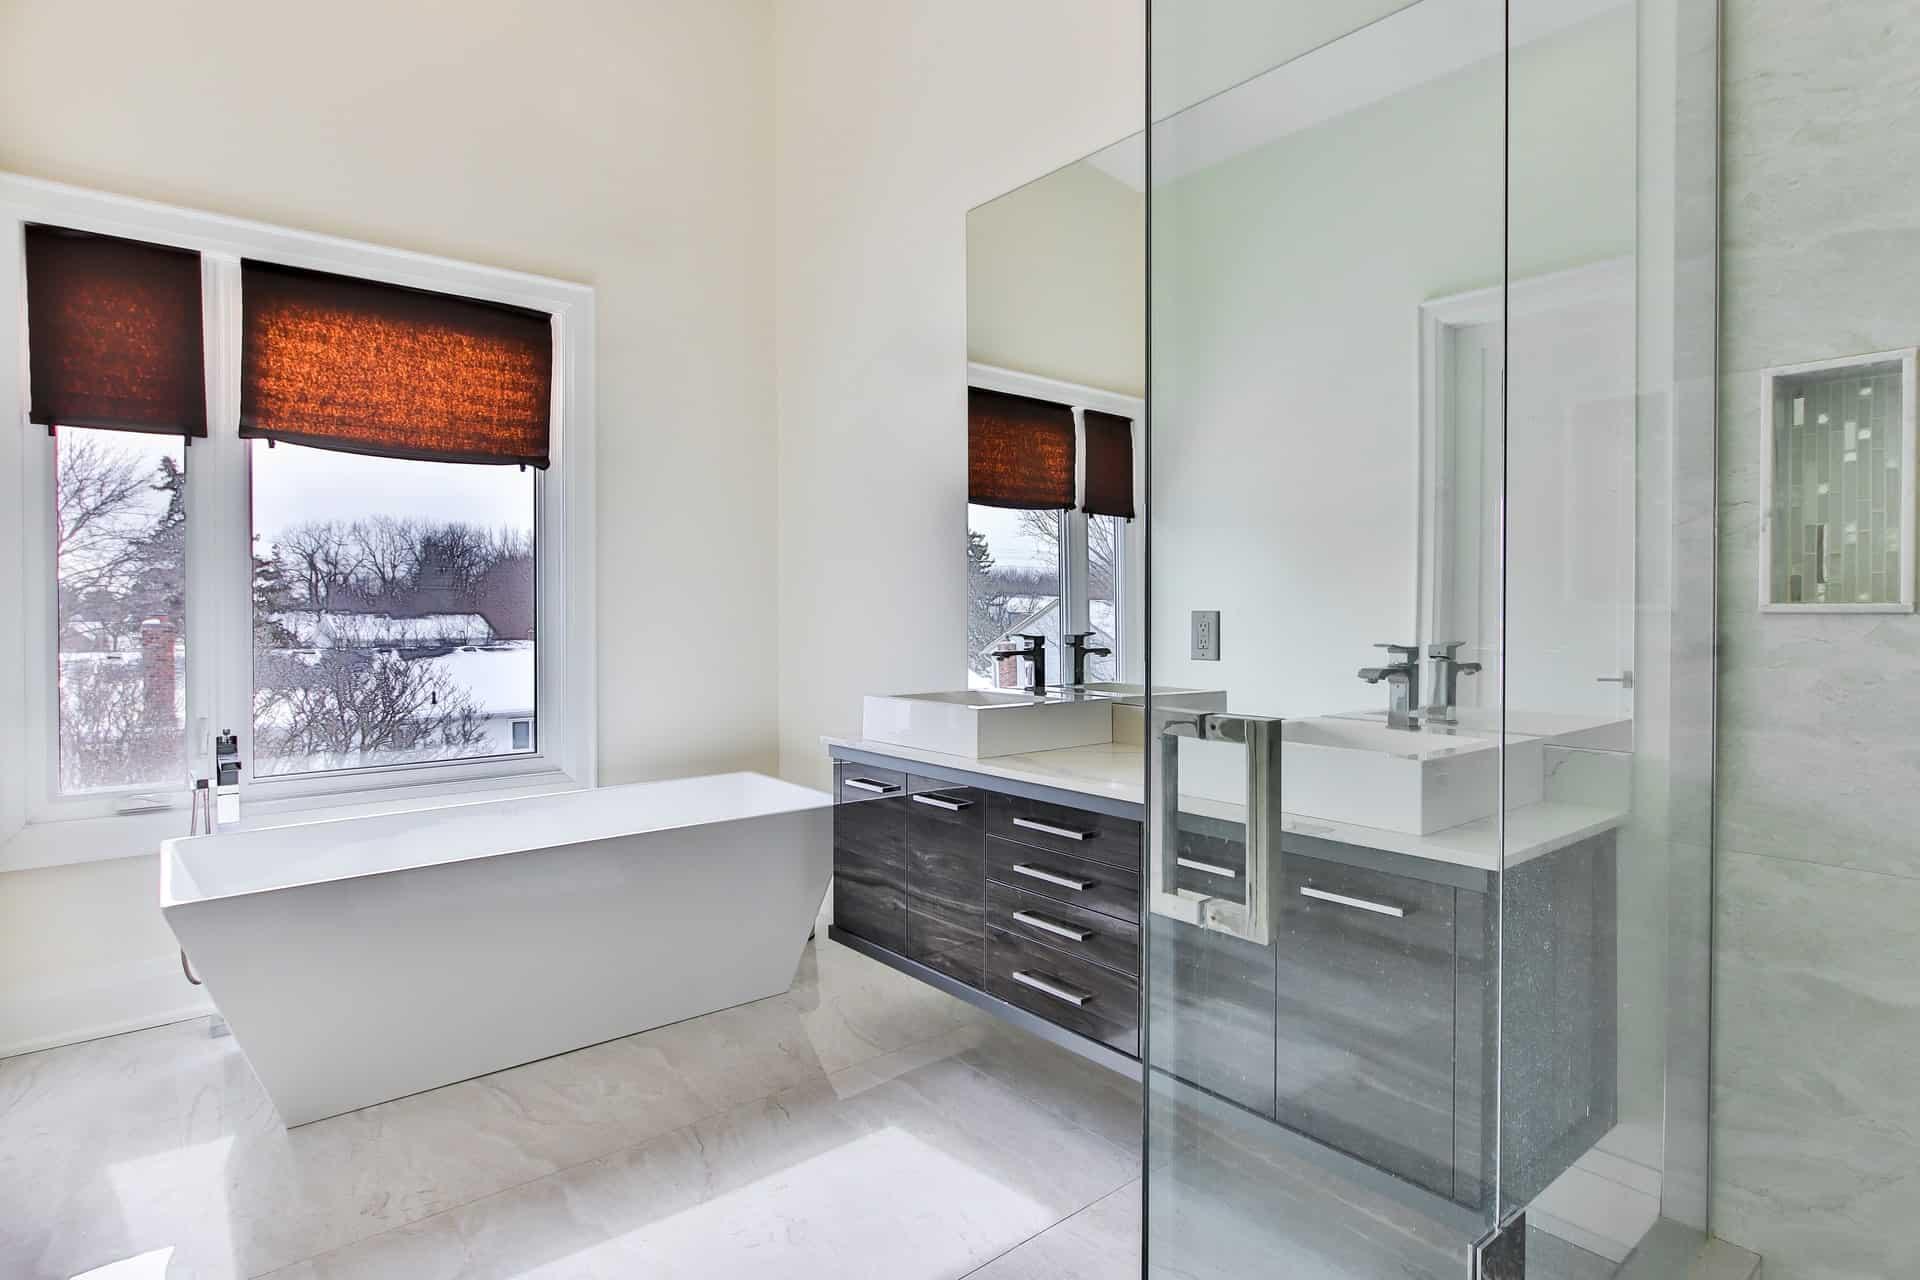 Idées de réaménagement de salle de bains – Par où commencer ?